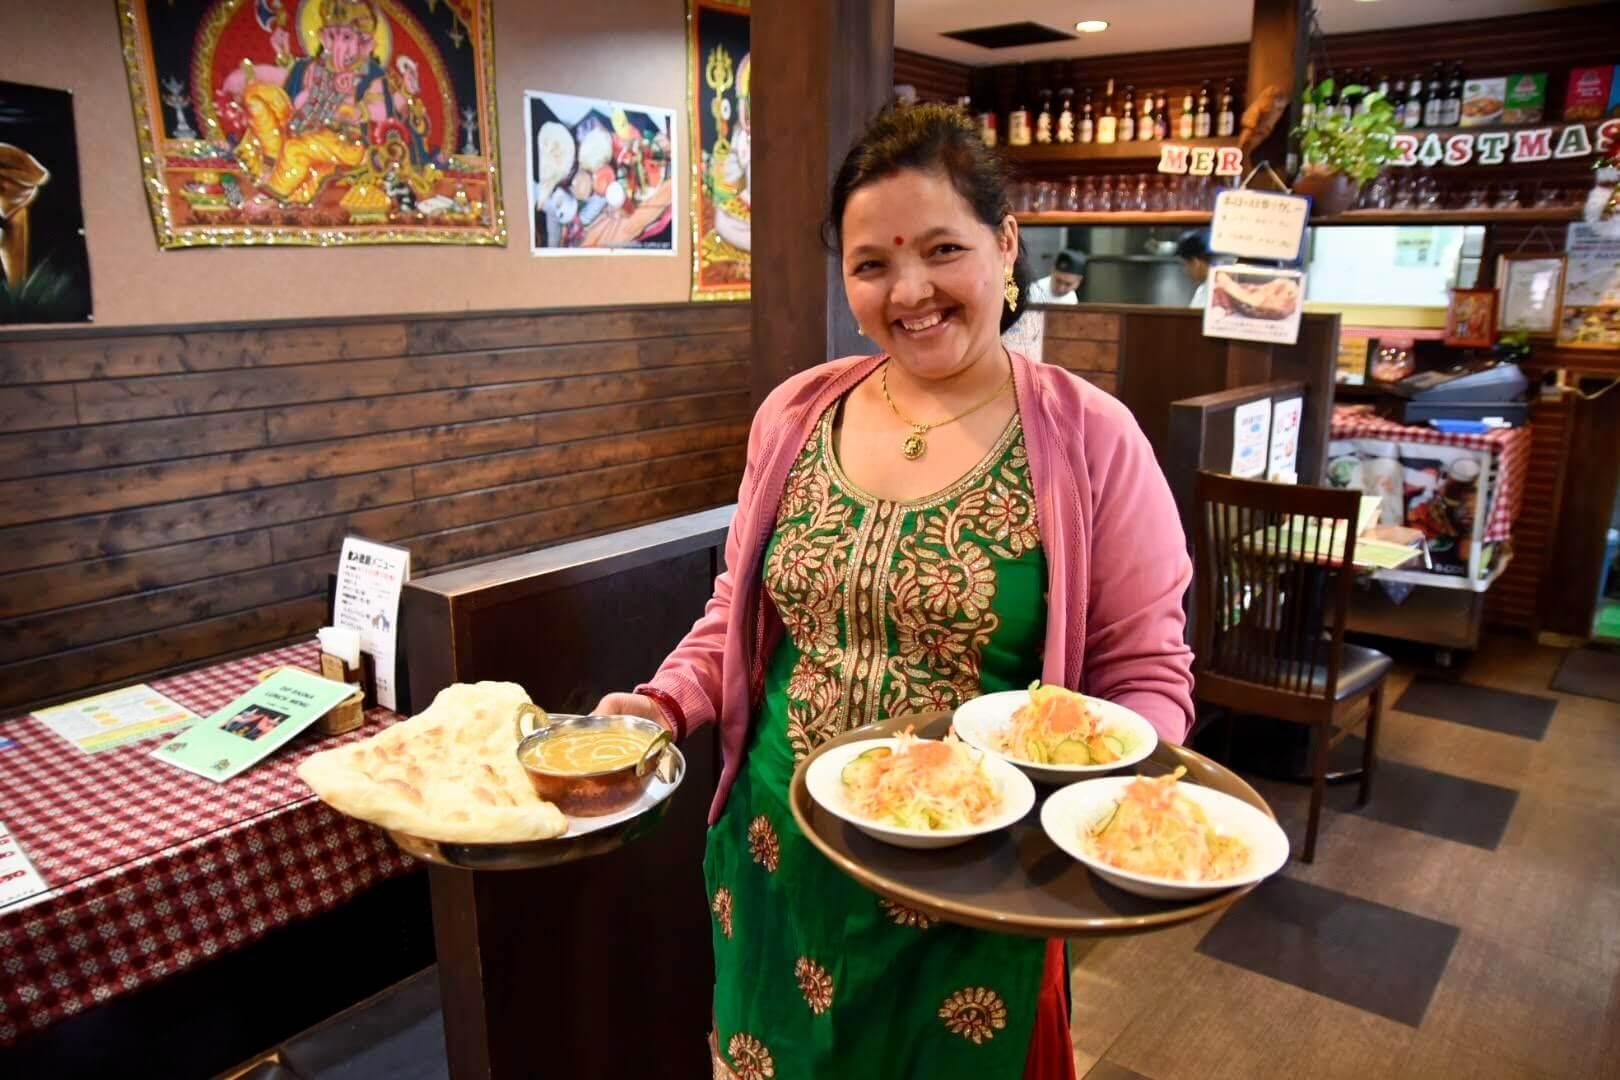 ディップ ラスナ 吹田店の素敵な奥さんが料理を運んでいるところ